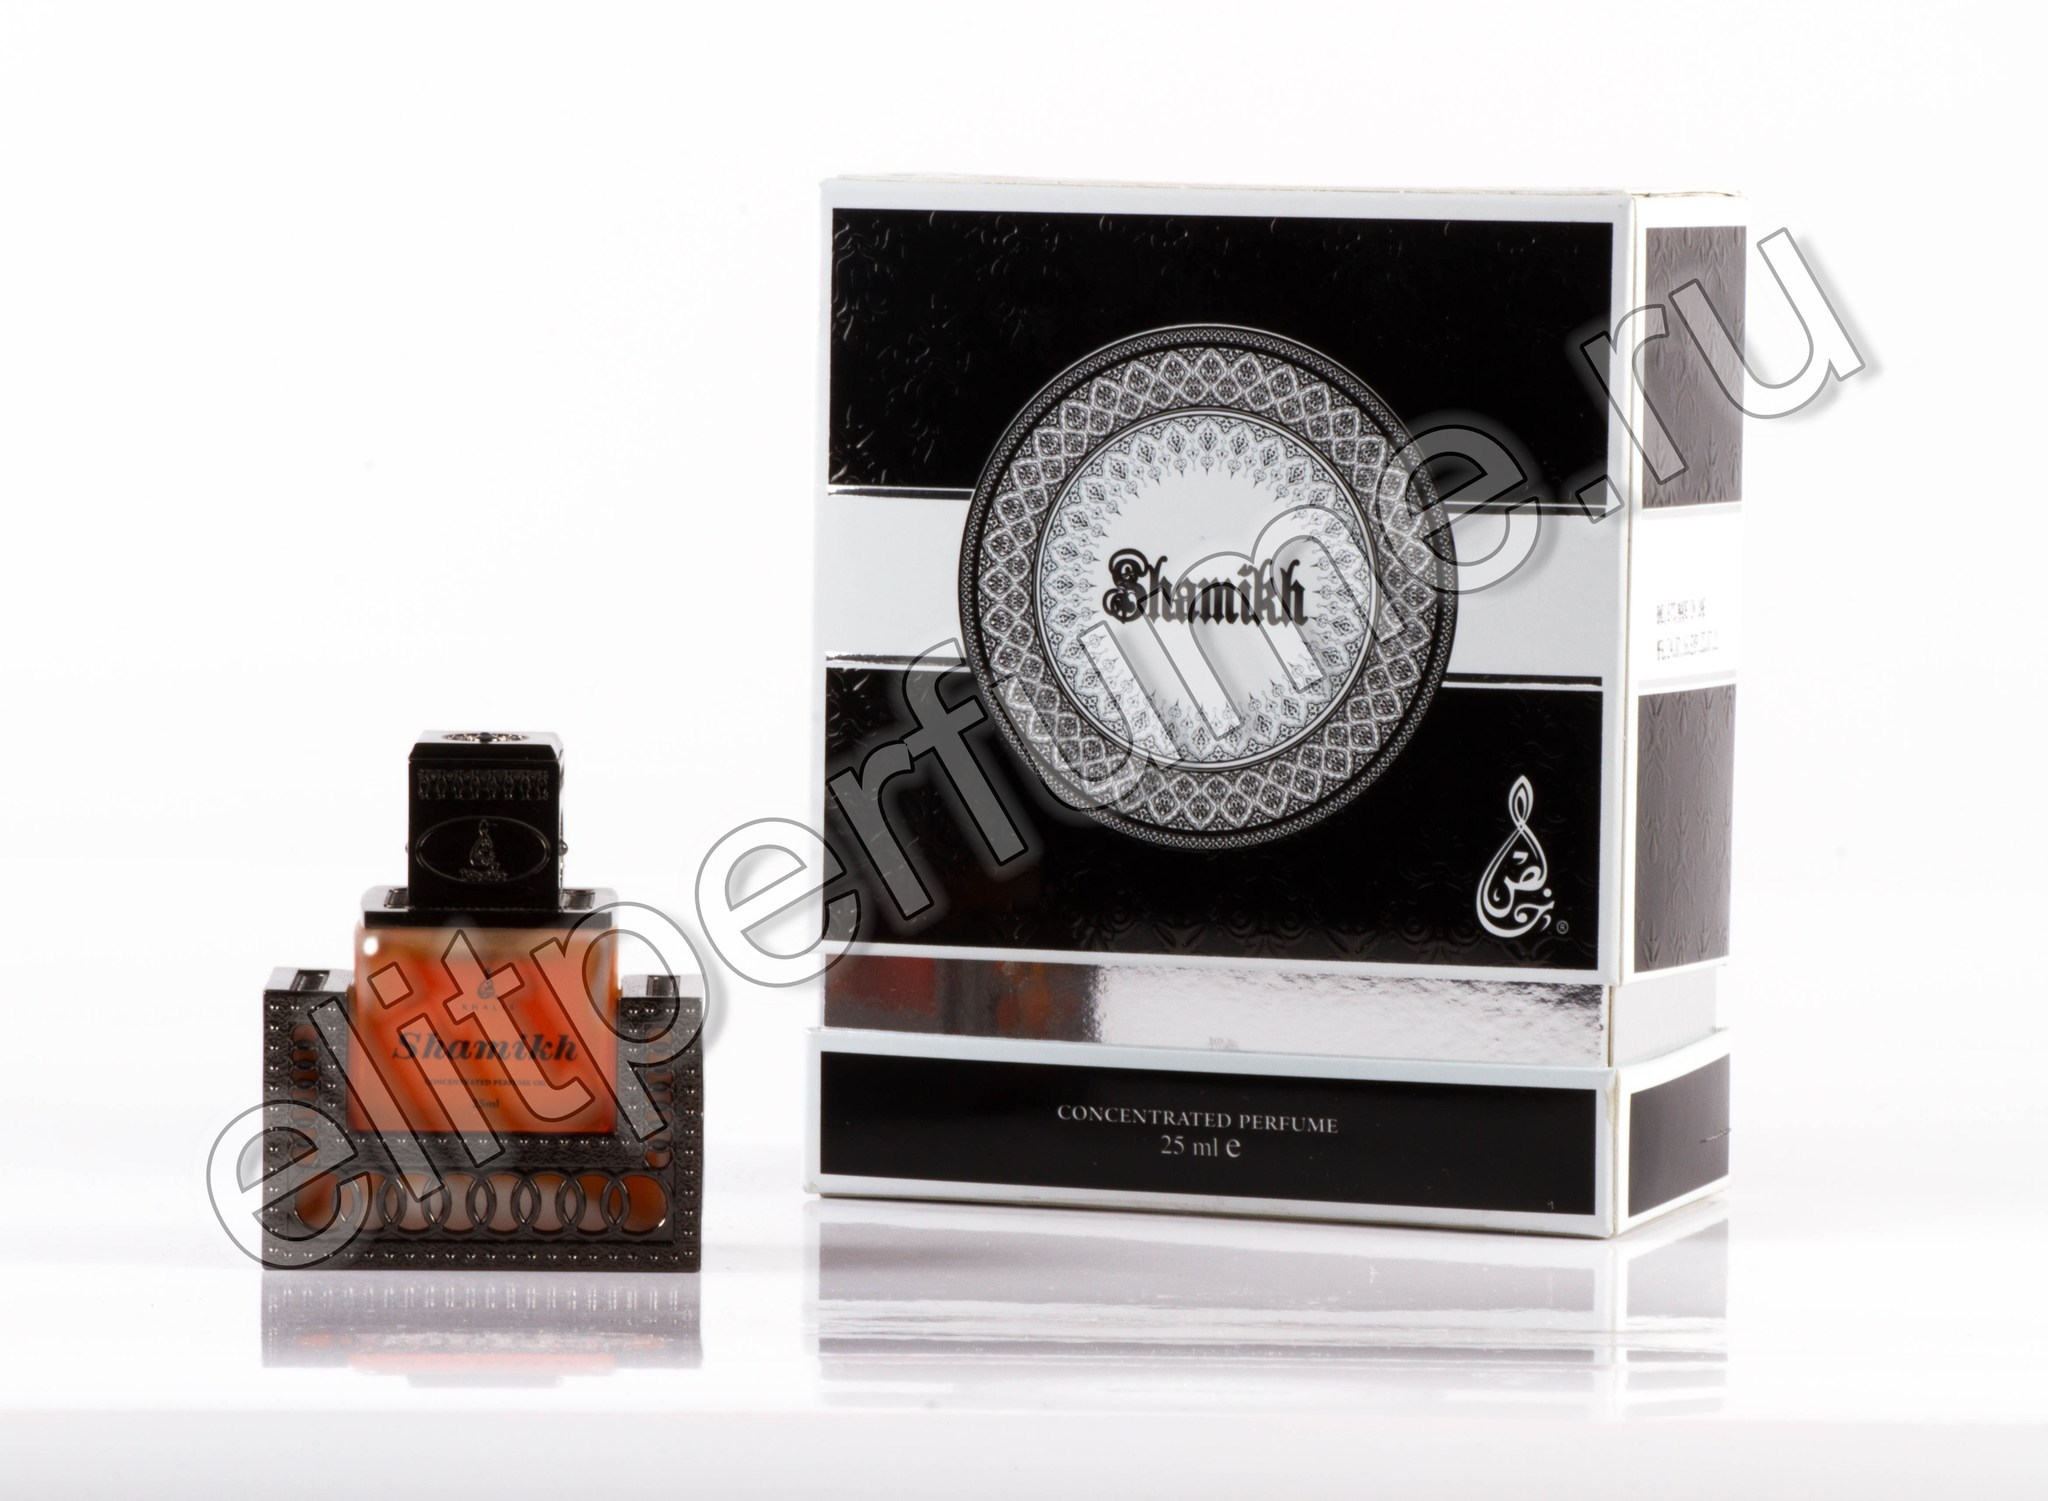 Пробник для Shamikh Шамих 1 мл арабские масляные духи от Халис Khalis Perfumes